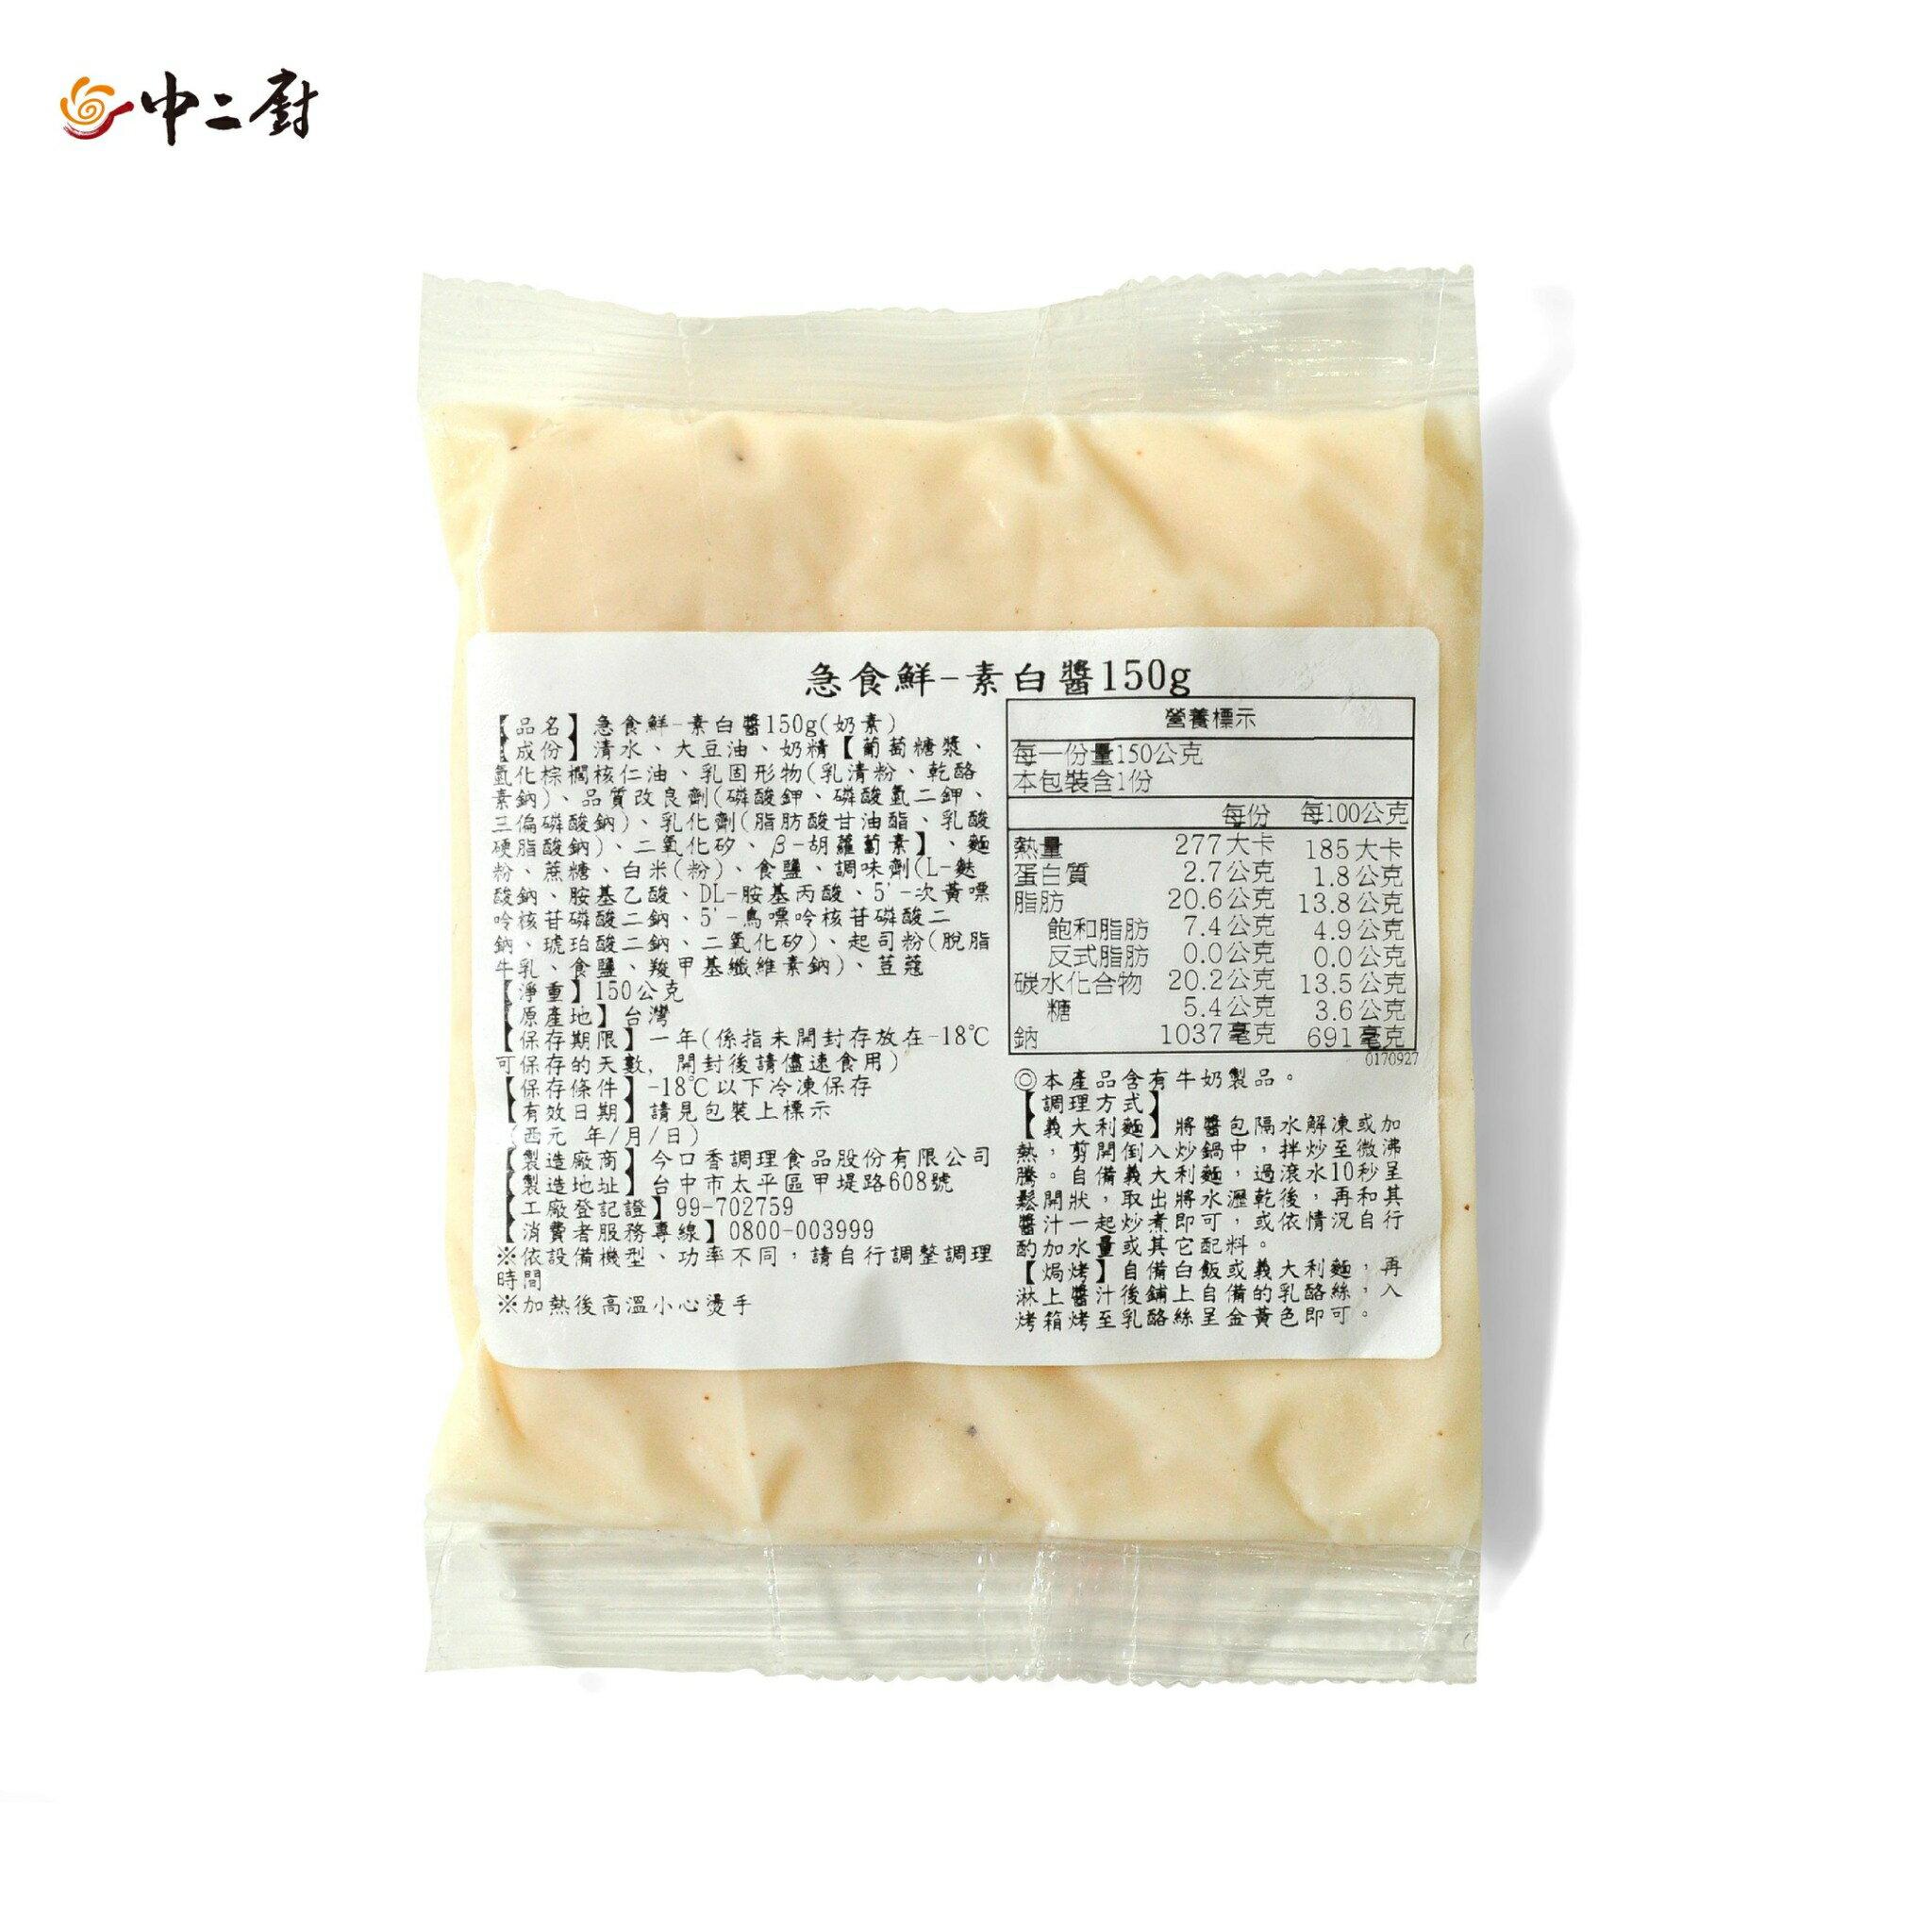 【中二廚】素食白醬(150g/包)